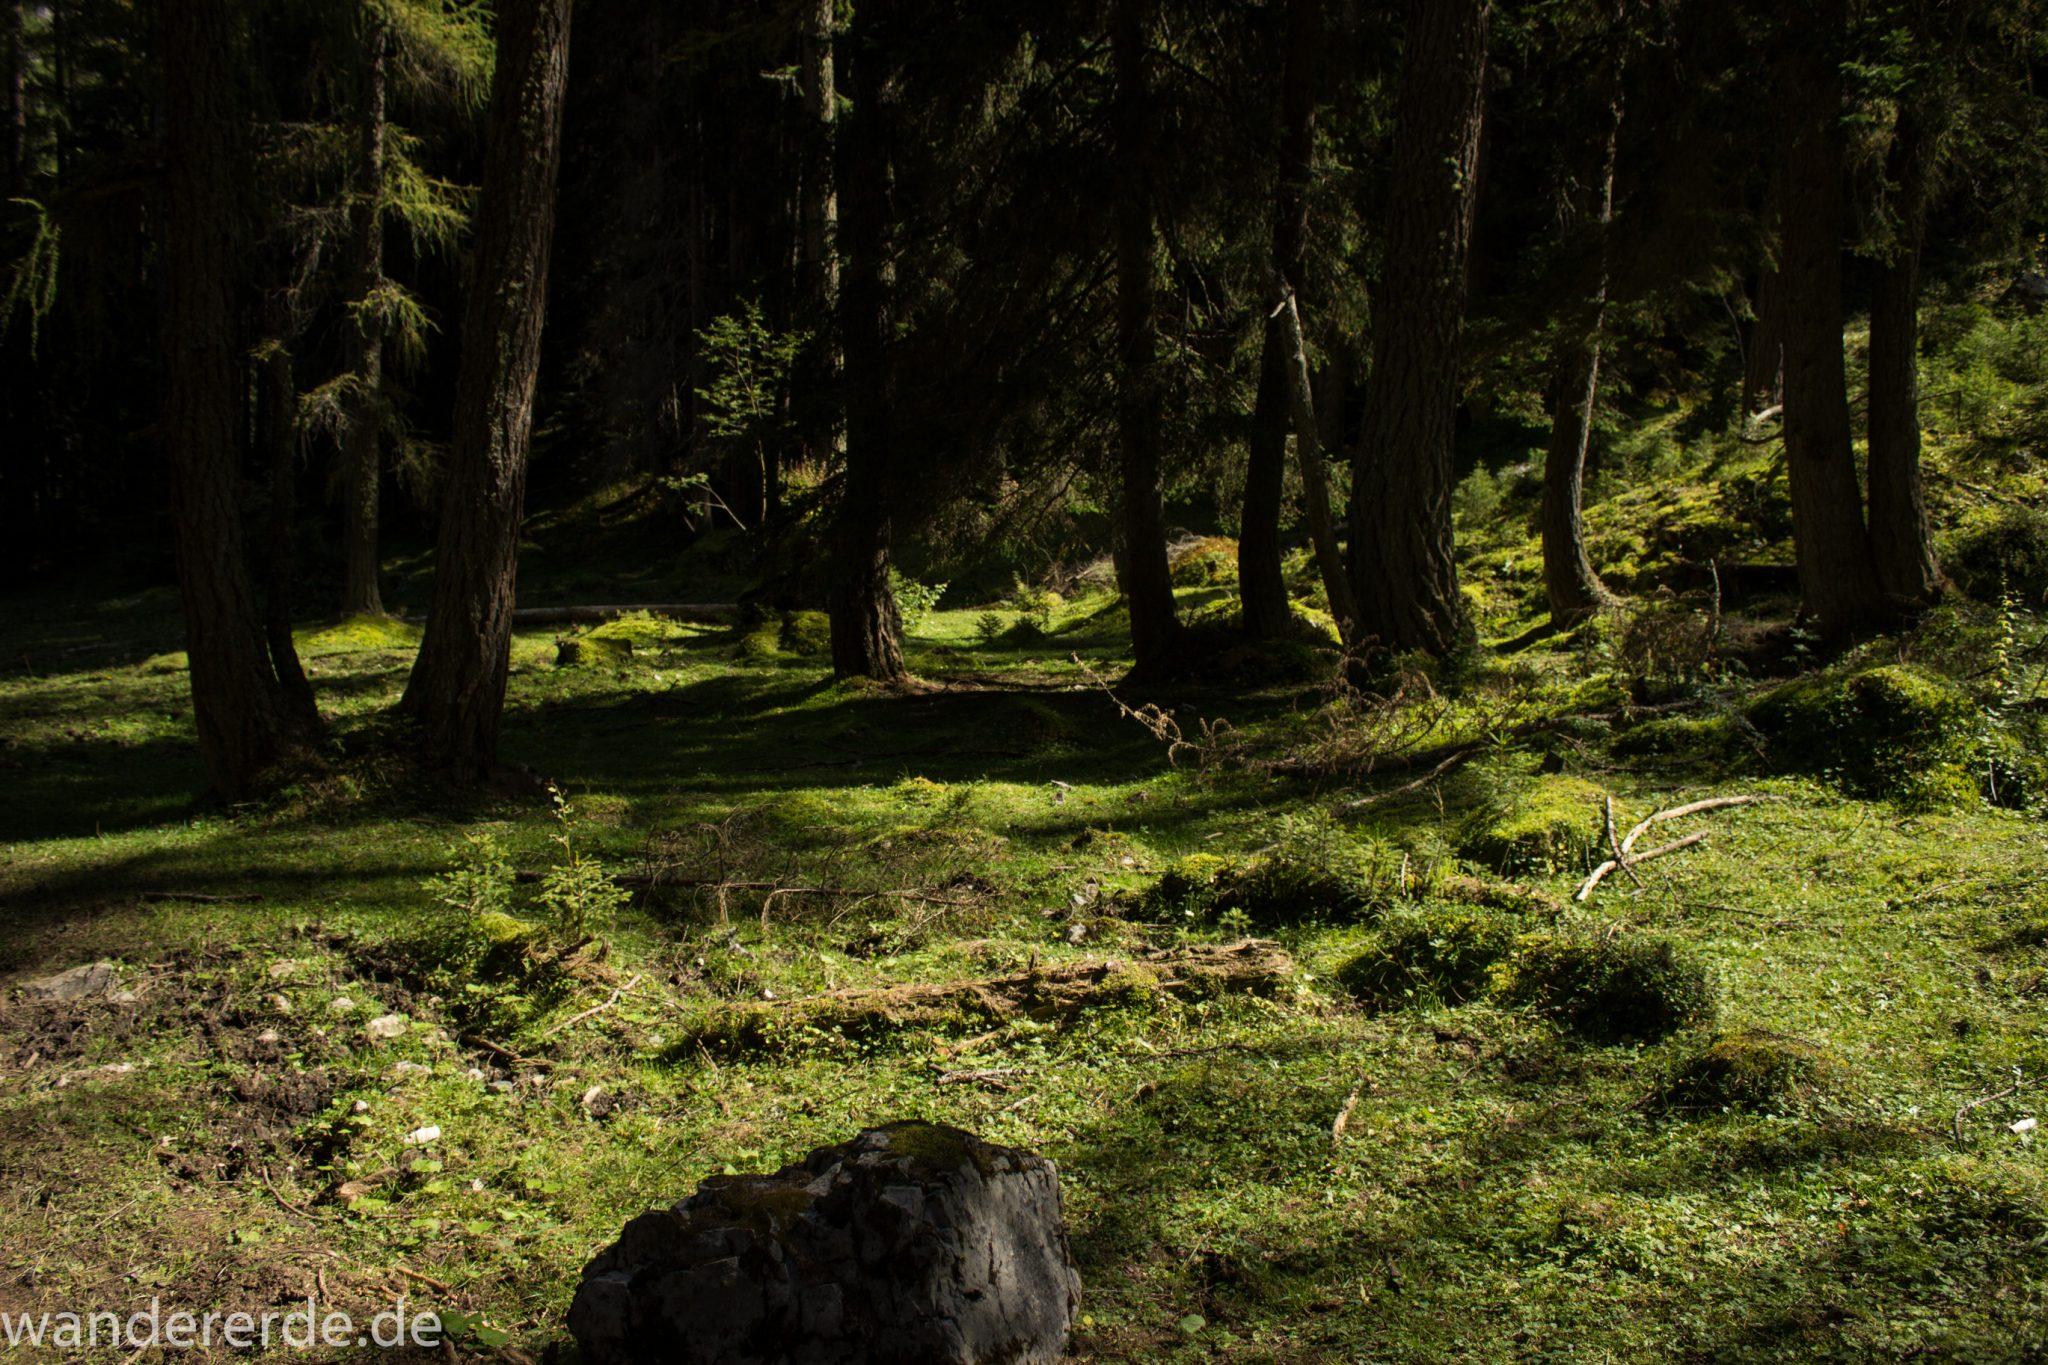 Alpenüberquerung Fernwanderweg E5 Oberstdorf Meran, 3. Etappe von Memminger Hütte zur Skihütte Zams, nach Erreichen der Seescharte folgt ein sehr langer Abstieg auf schmalem Wanderpfad Richtung Zams, Abschnitt durch einen schönen, dichten Wald, mit viel Moos bewachsener Waldboden